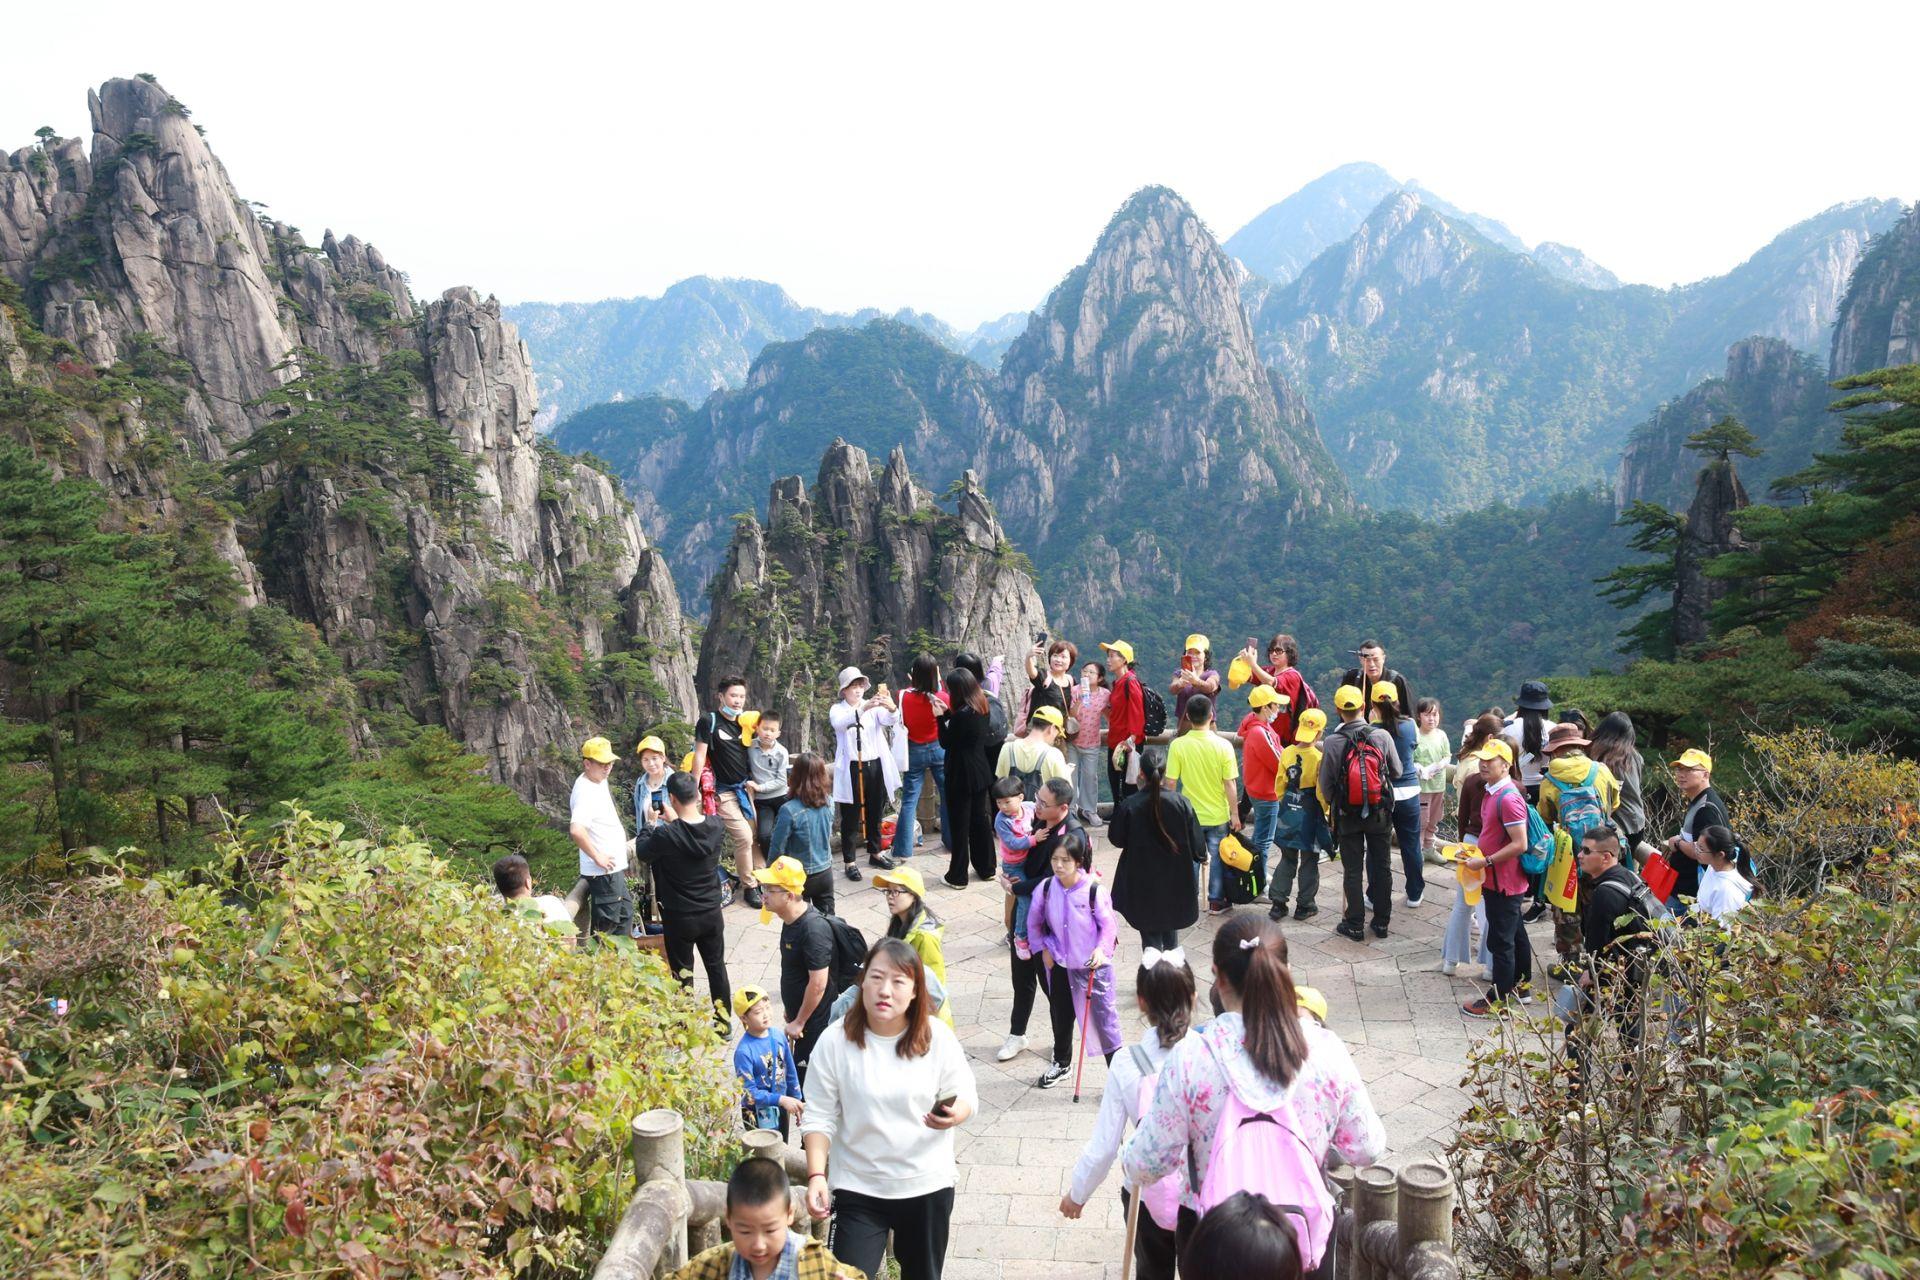 黃山風景美如畫 2萬多遊客上山賞秋景